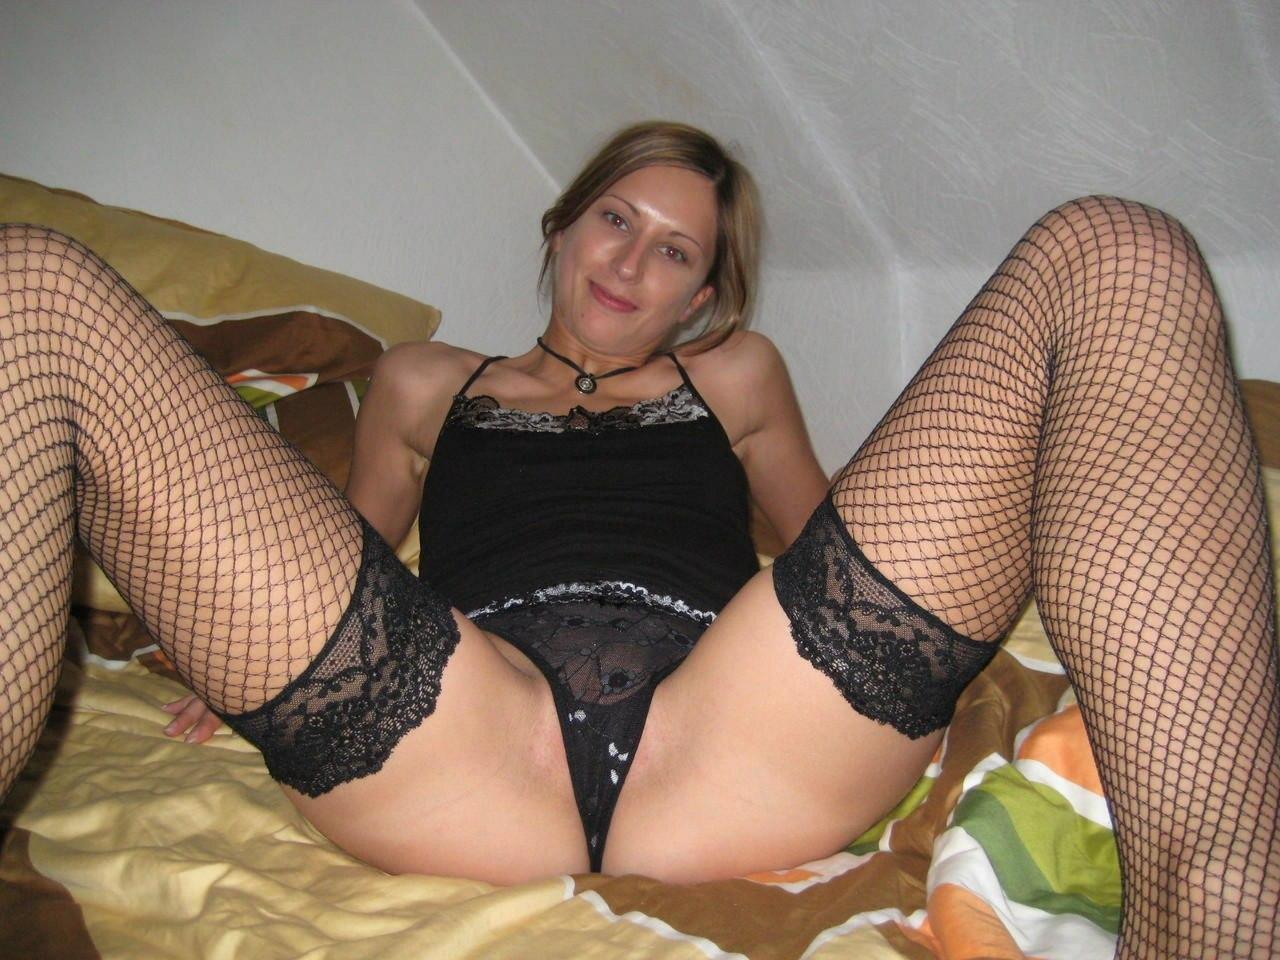 Нимфа с торчащими сиськами любит позировать в спальне